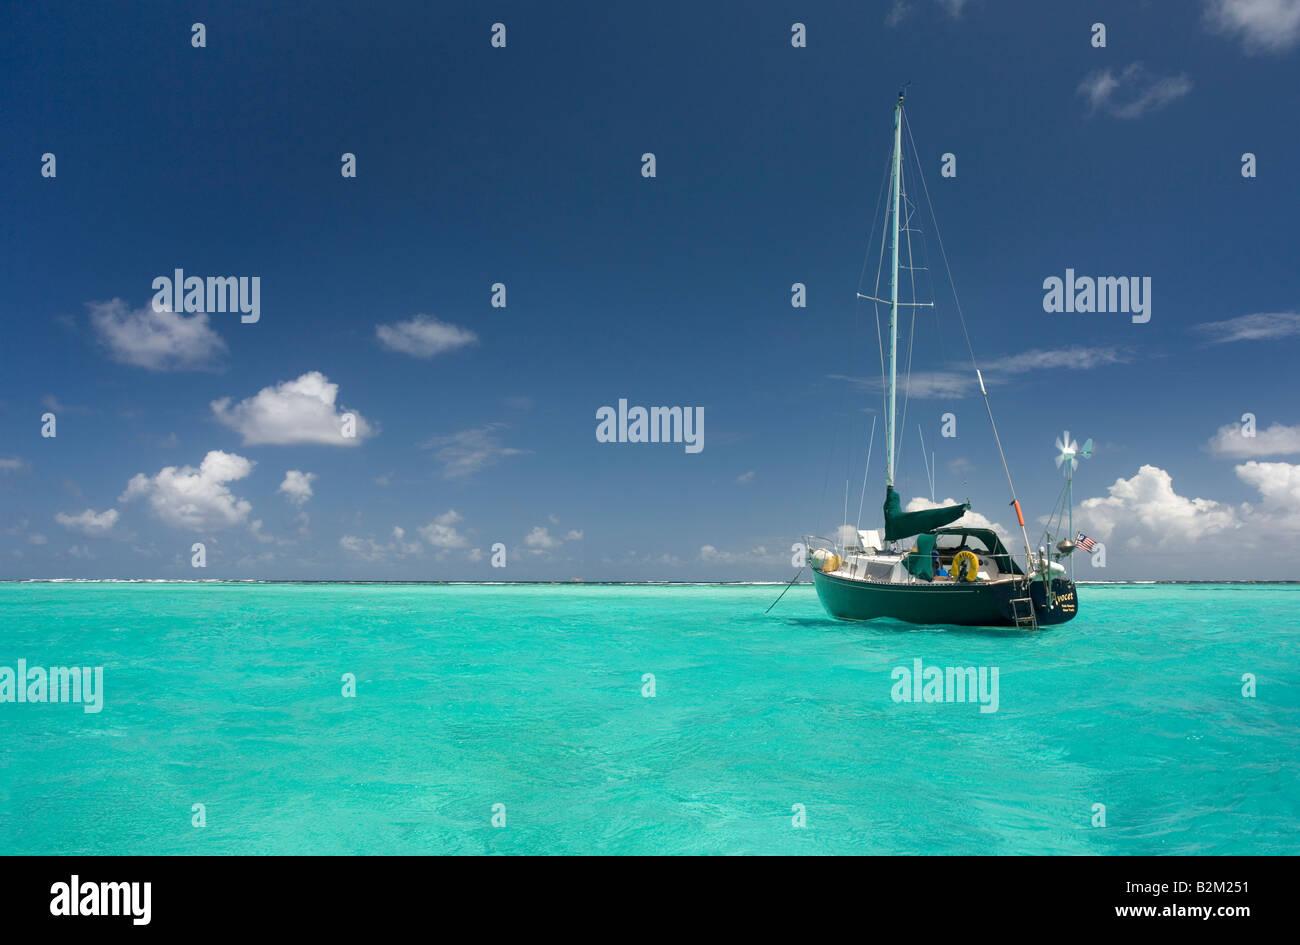 Un voilier de croisière sur les Caraïbes c'est au Tobago Cays juste à l'intérieur de Photo Stock